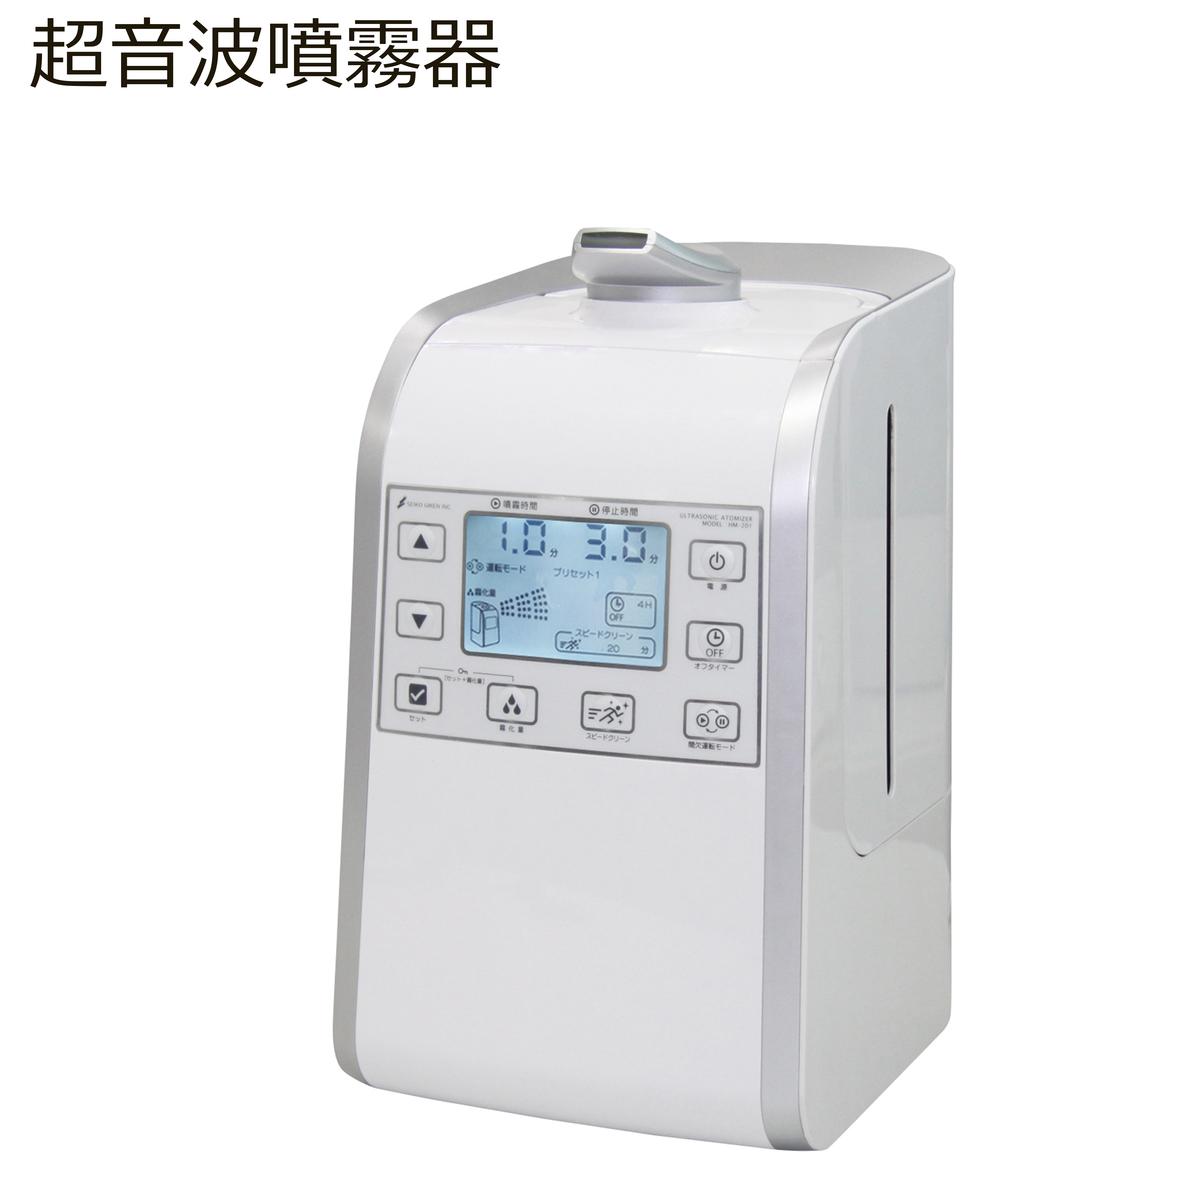 超音波噴霧器『空間の除菌消臭』HM-201除菌消臭液をミスト状にして空間へ放出ダイレクトアタック方式だから室内空間をスピード除菌消臭